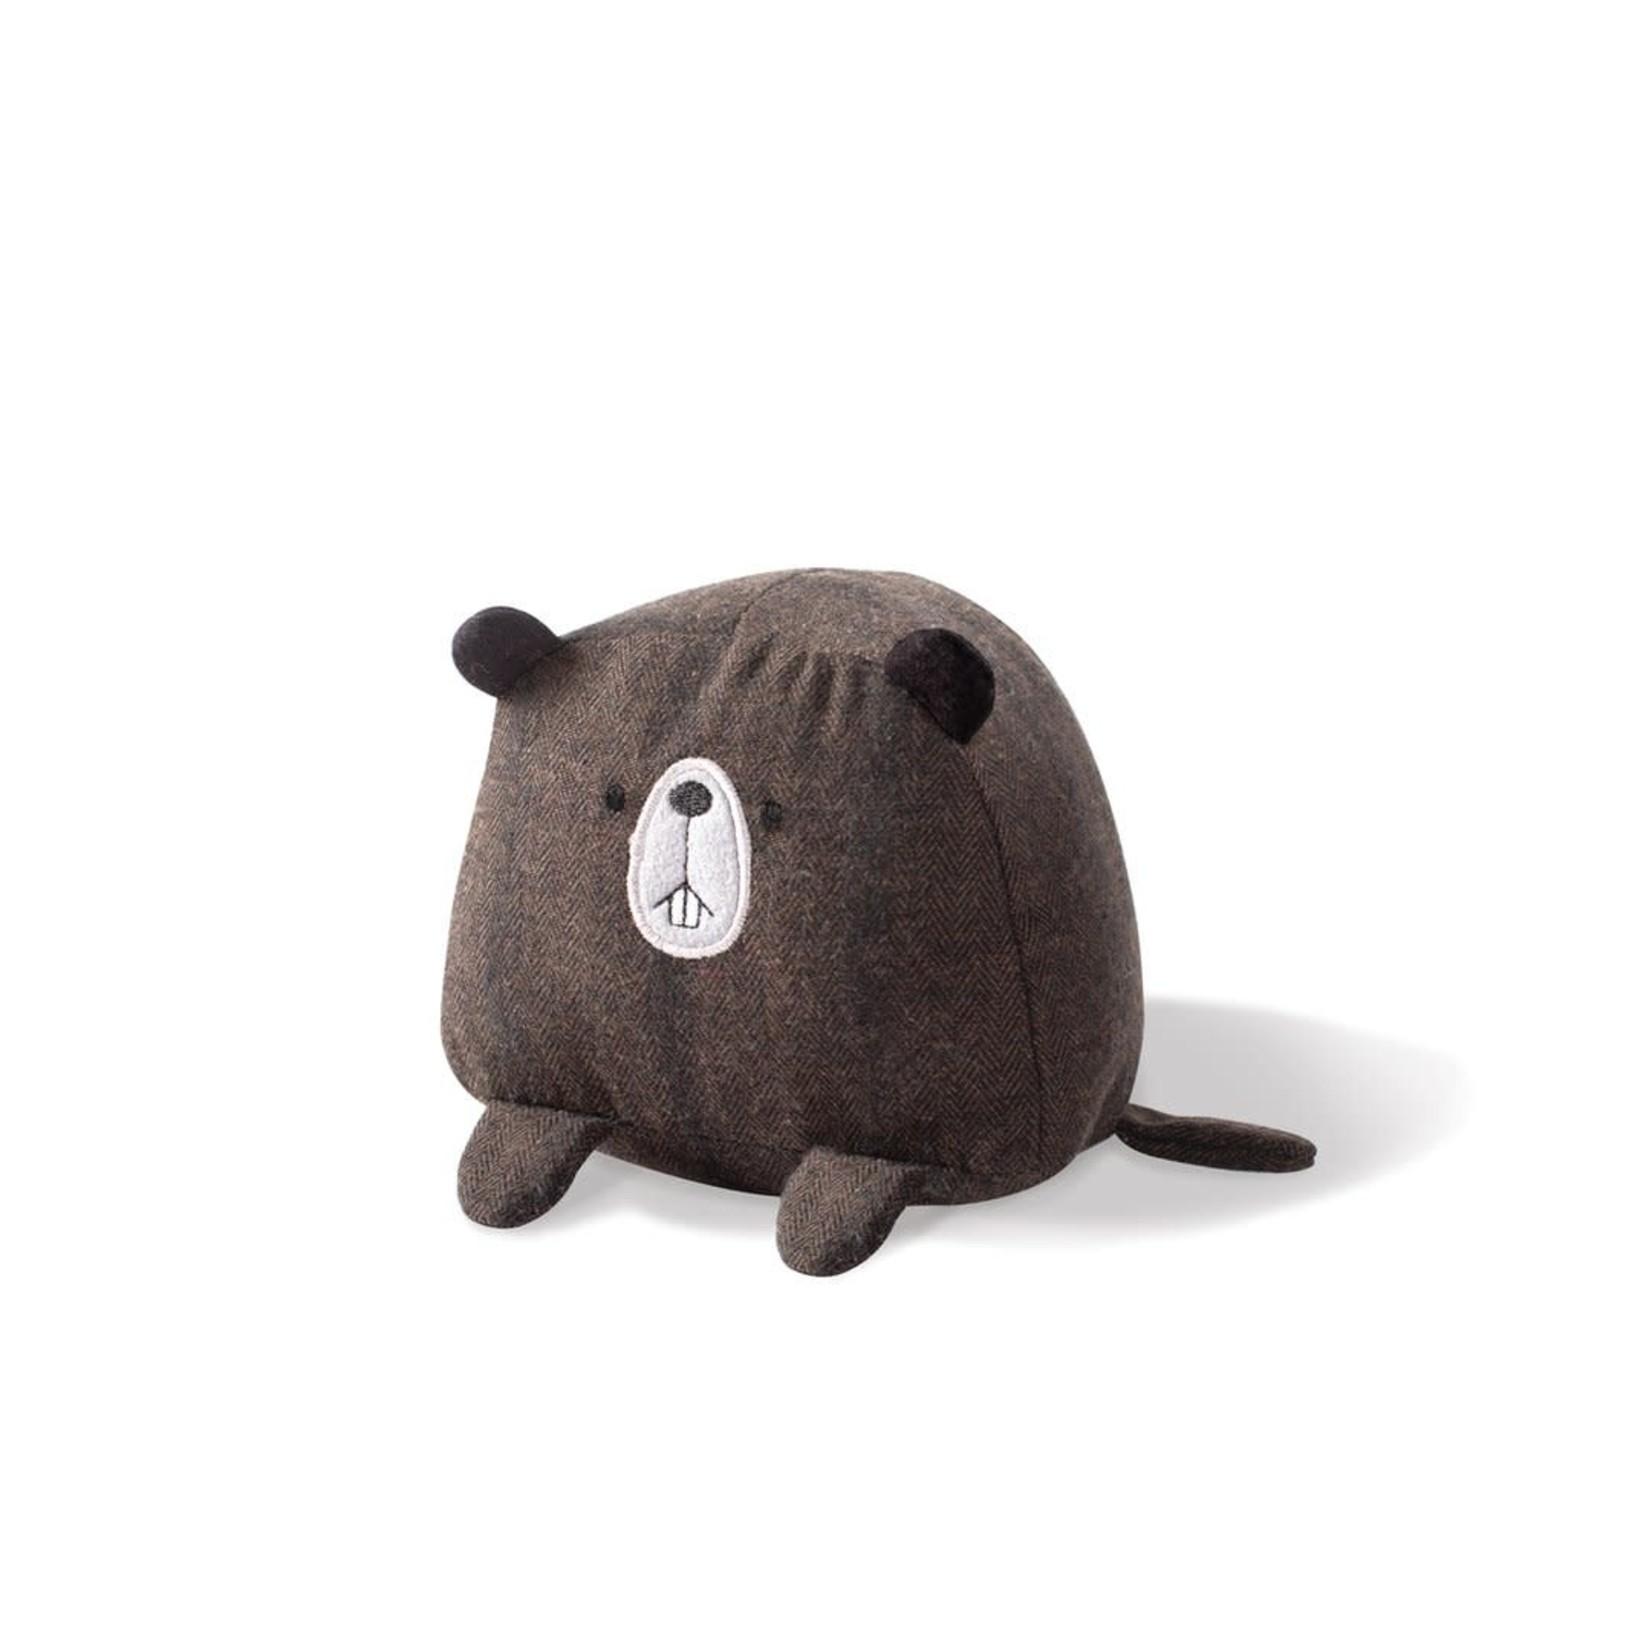 Spikey Squeaker Toy